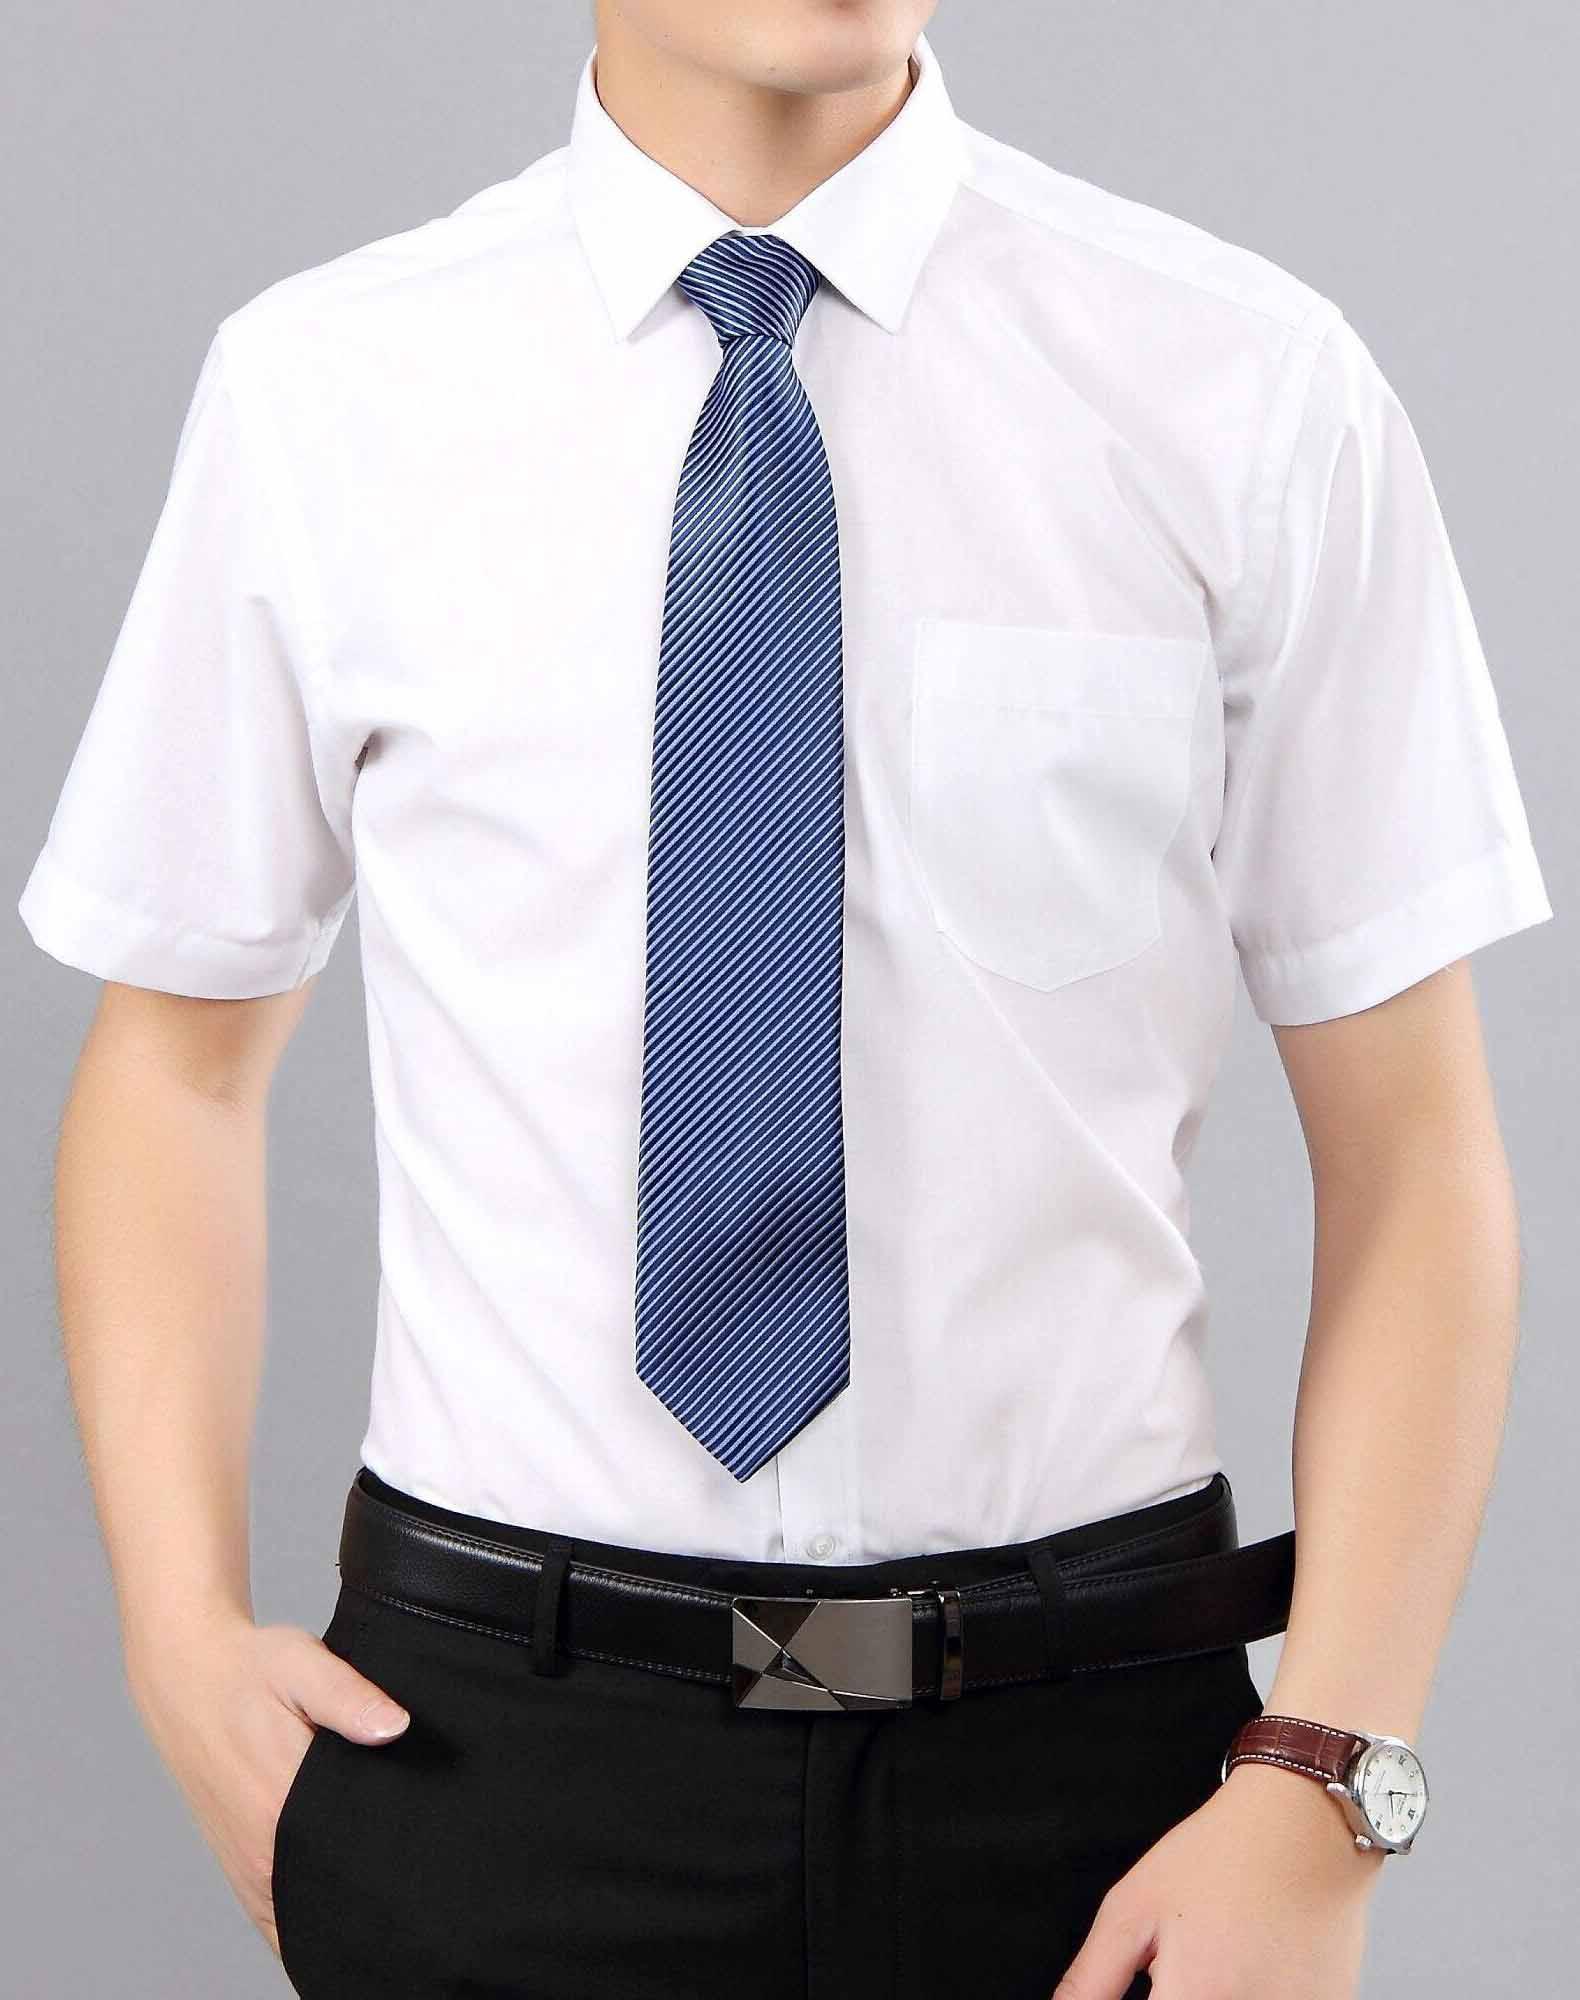 实惠的定制衬衣-广东可靠的定制衬衣公司